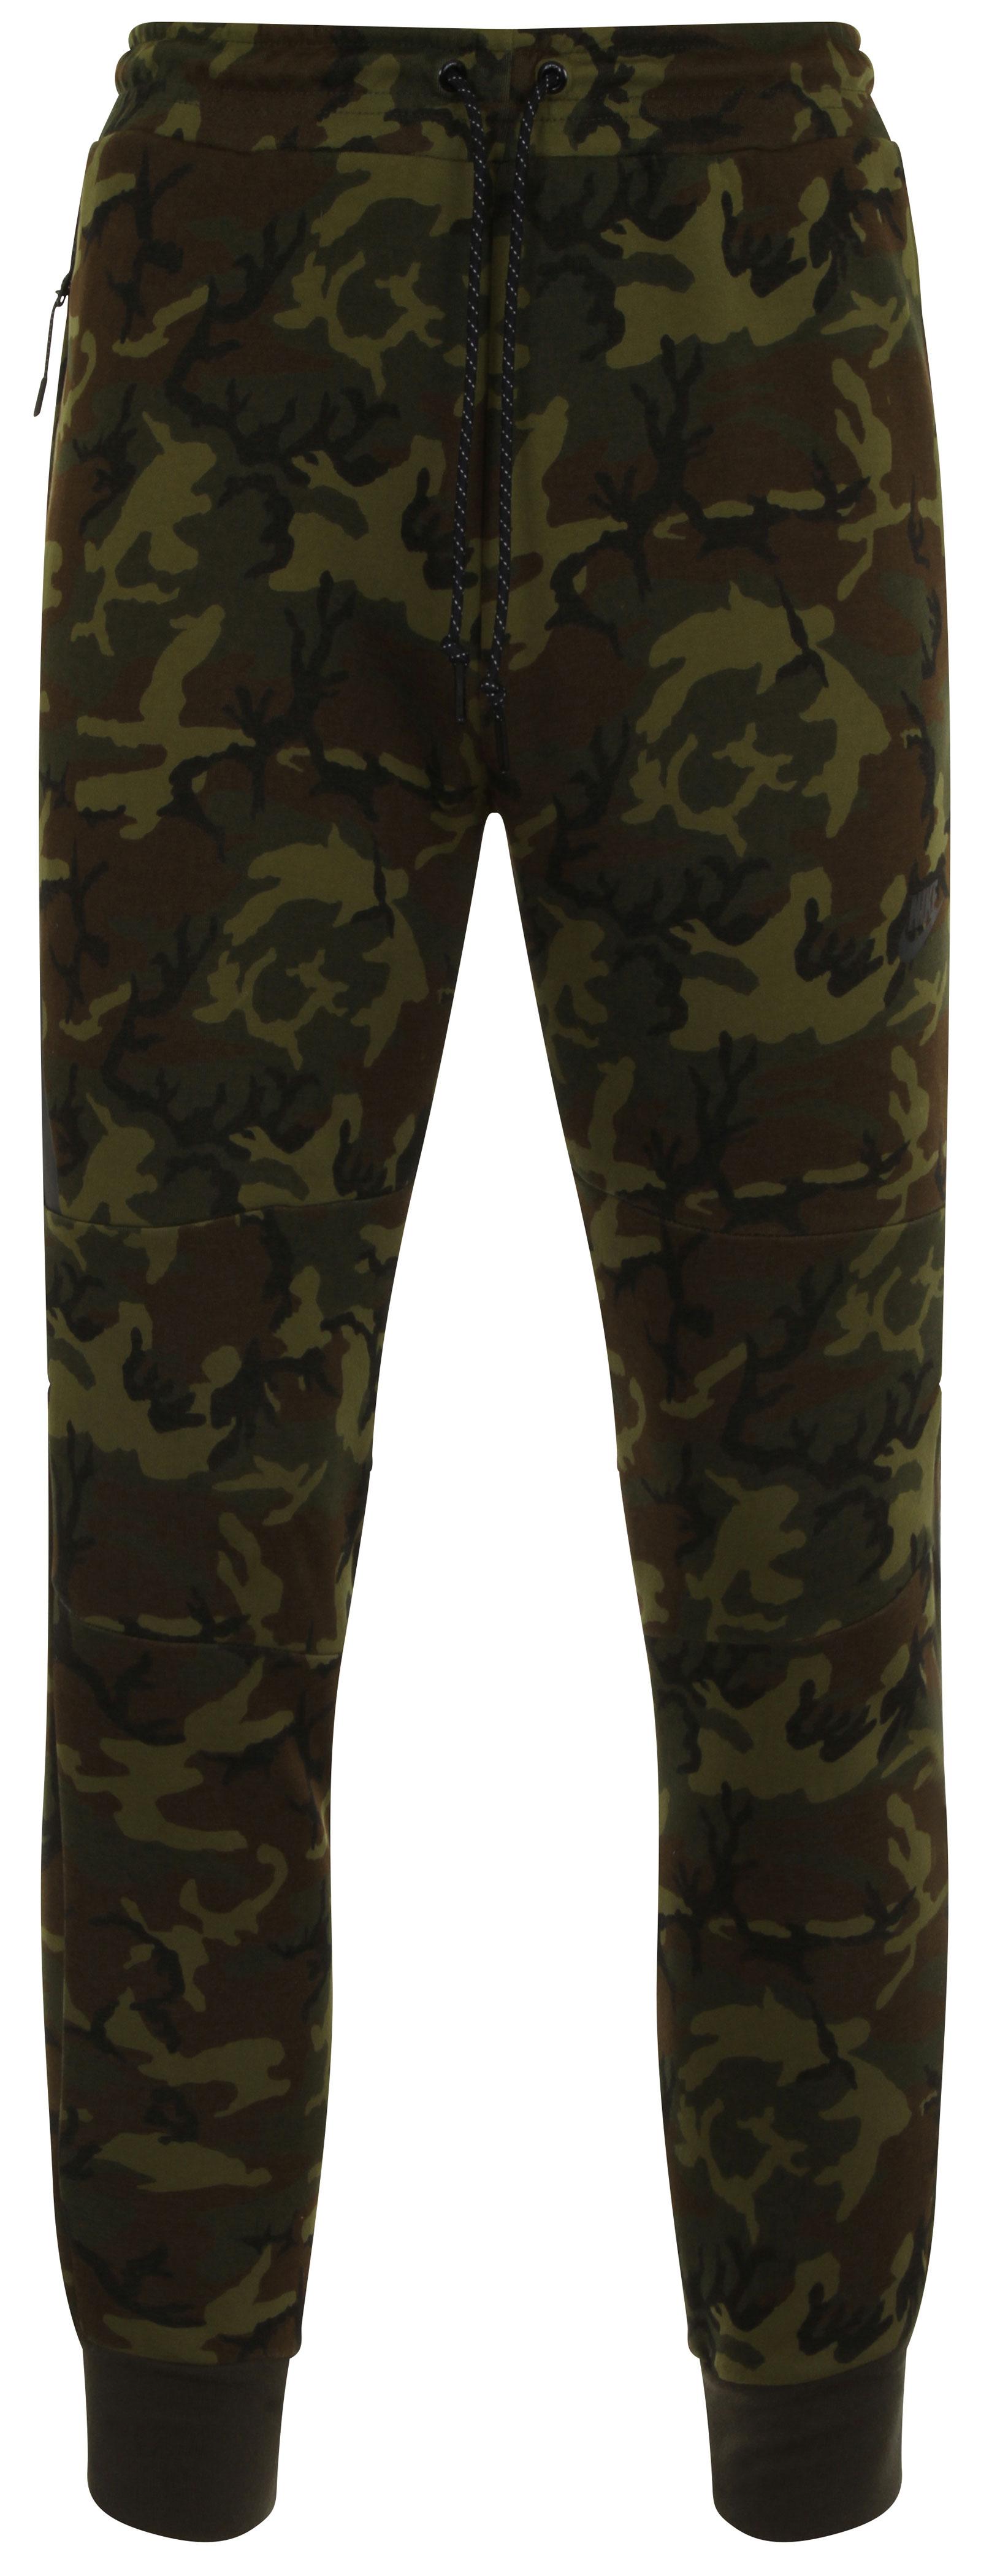 Da Tutte Tech Le Mimetico Pantaloni Cachi Nike Color Uomo Nuovo Pile x0PzIw